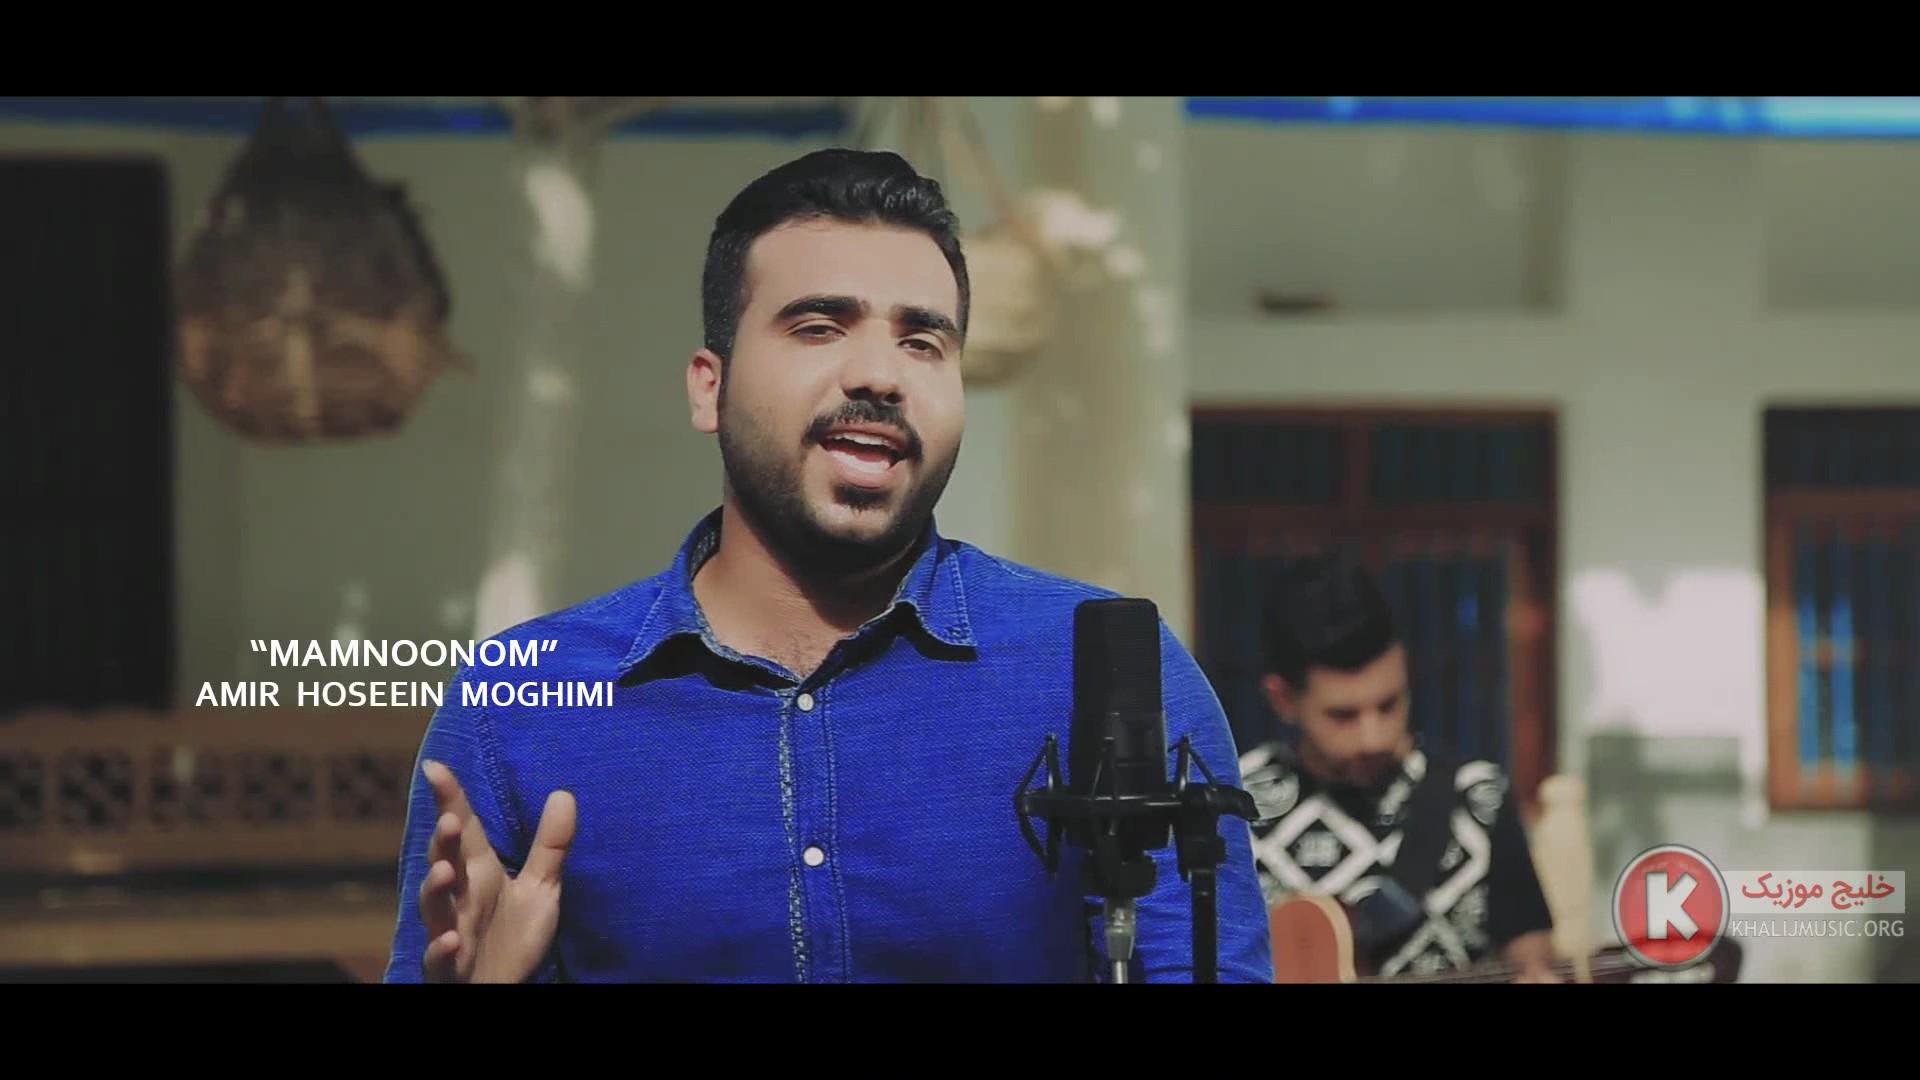 امیر حسین مقیمی تیزر موزیک ویدئوی جدید و بسیار زیبا و دیدنی بنام ممنونم